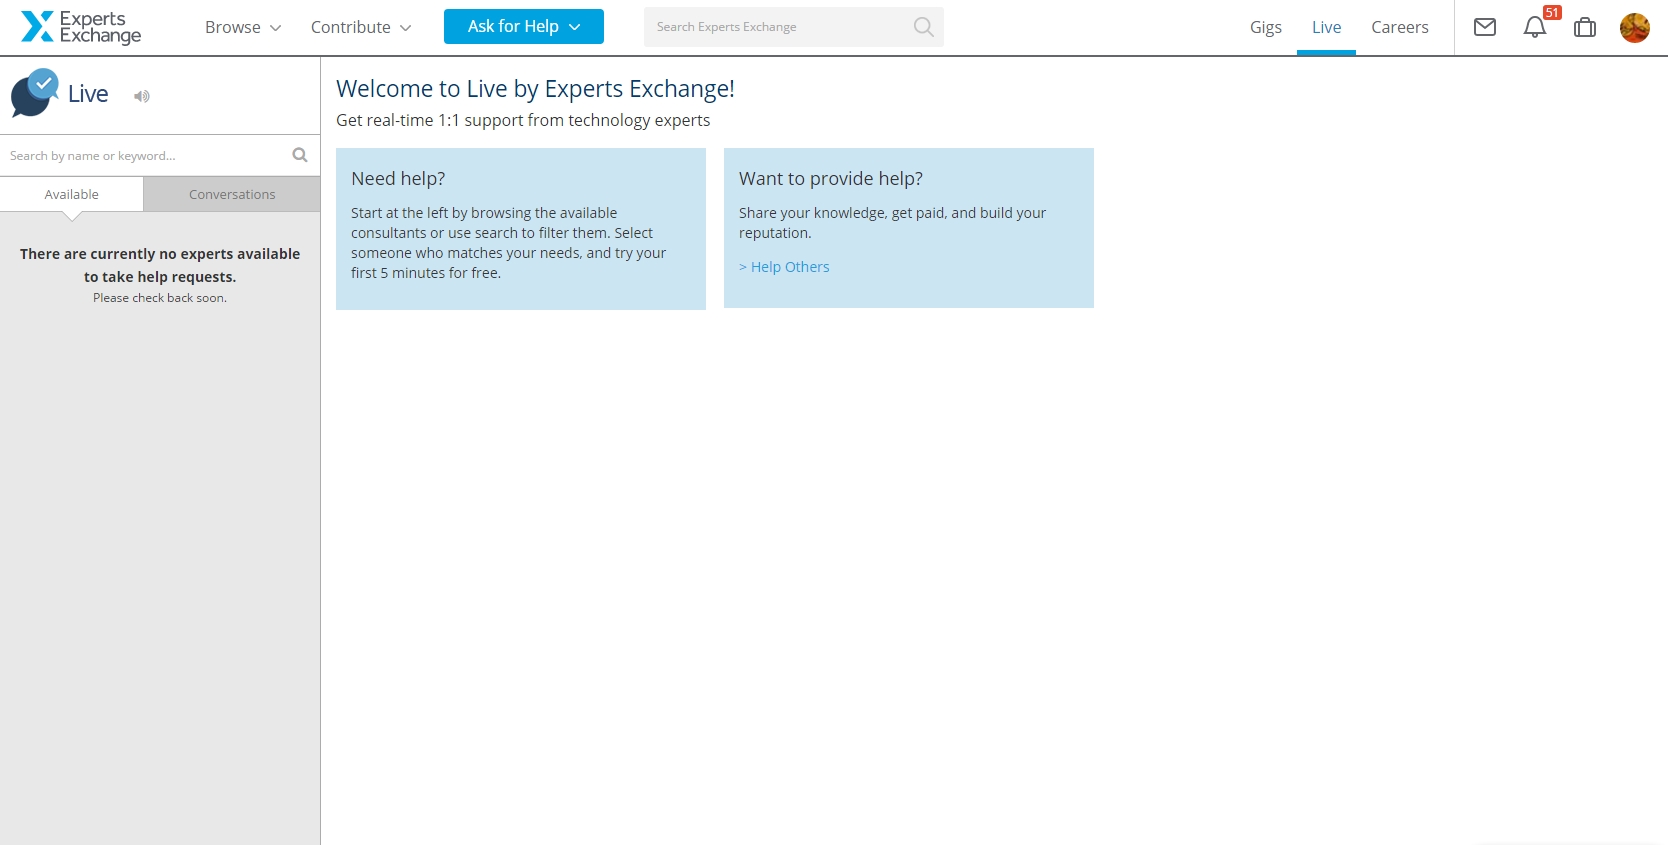 Experts Exchange Demo - Live